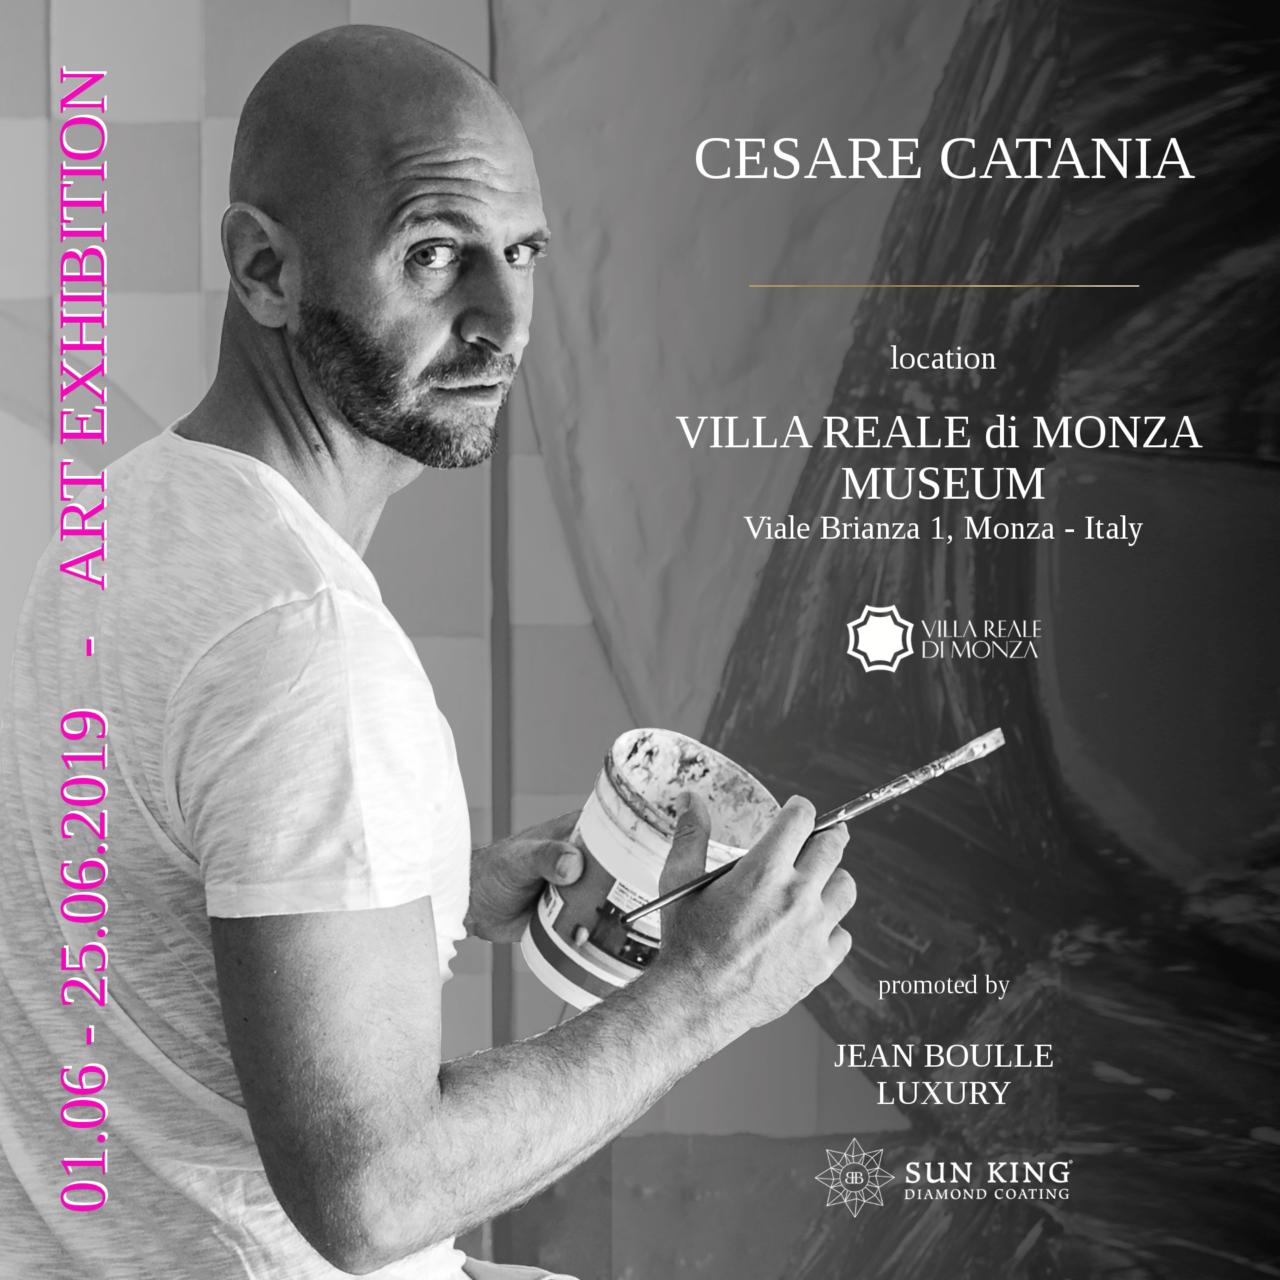 Locandina-Base-Quadrata-Bozza-Rev-4-min-1280x1280